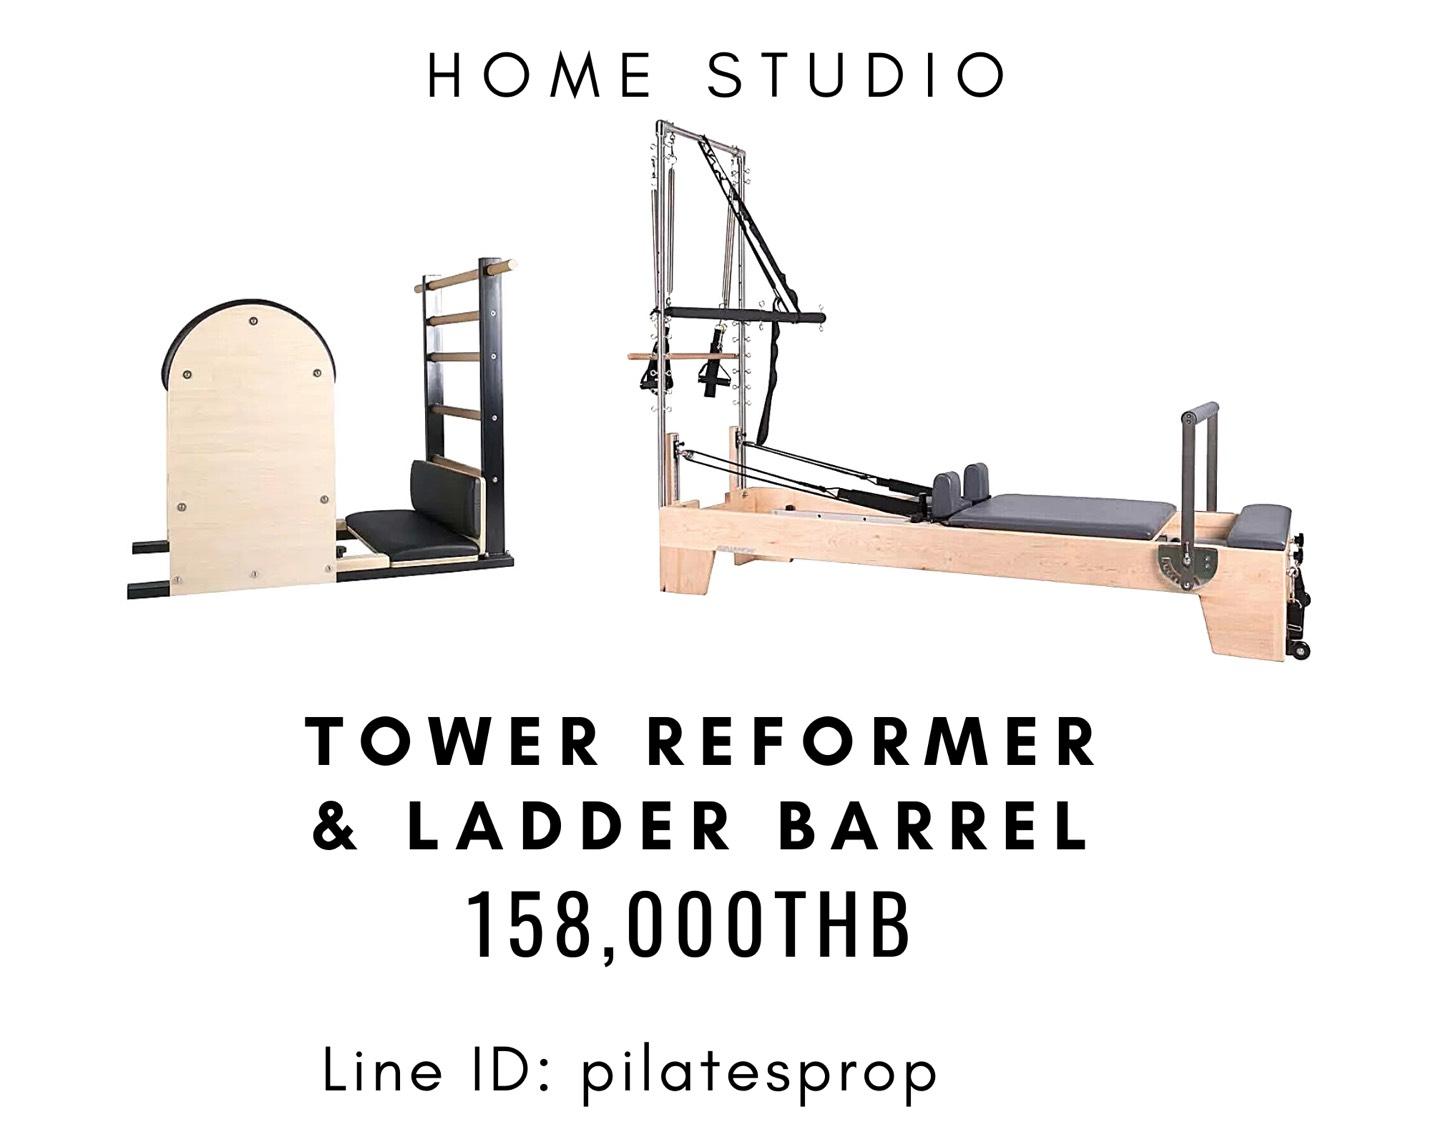 Pro 05 Tower Reformer Ladder Barrel